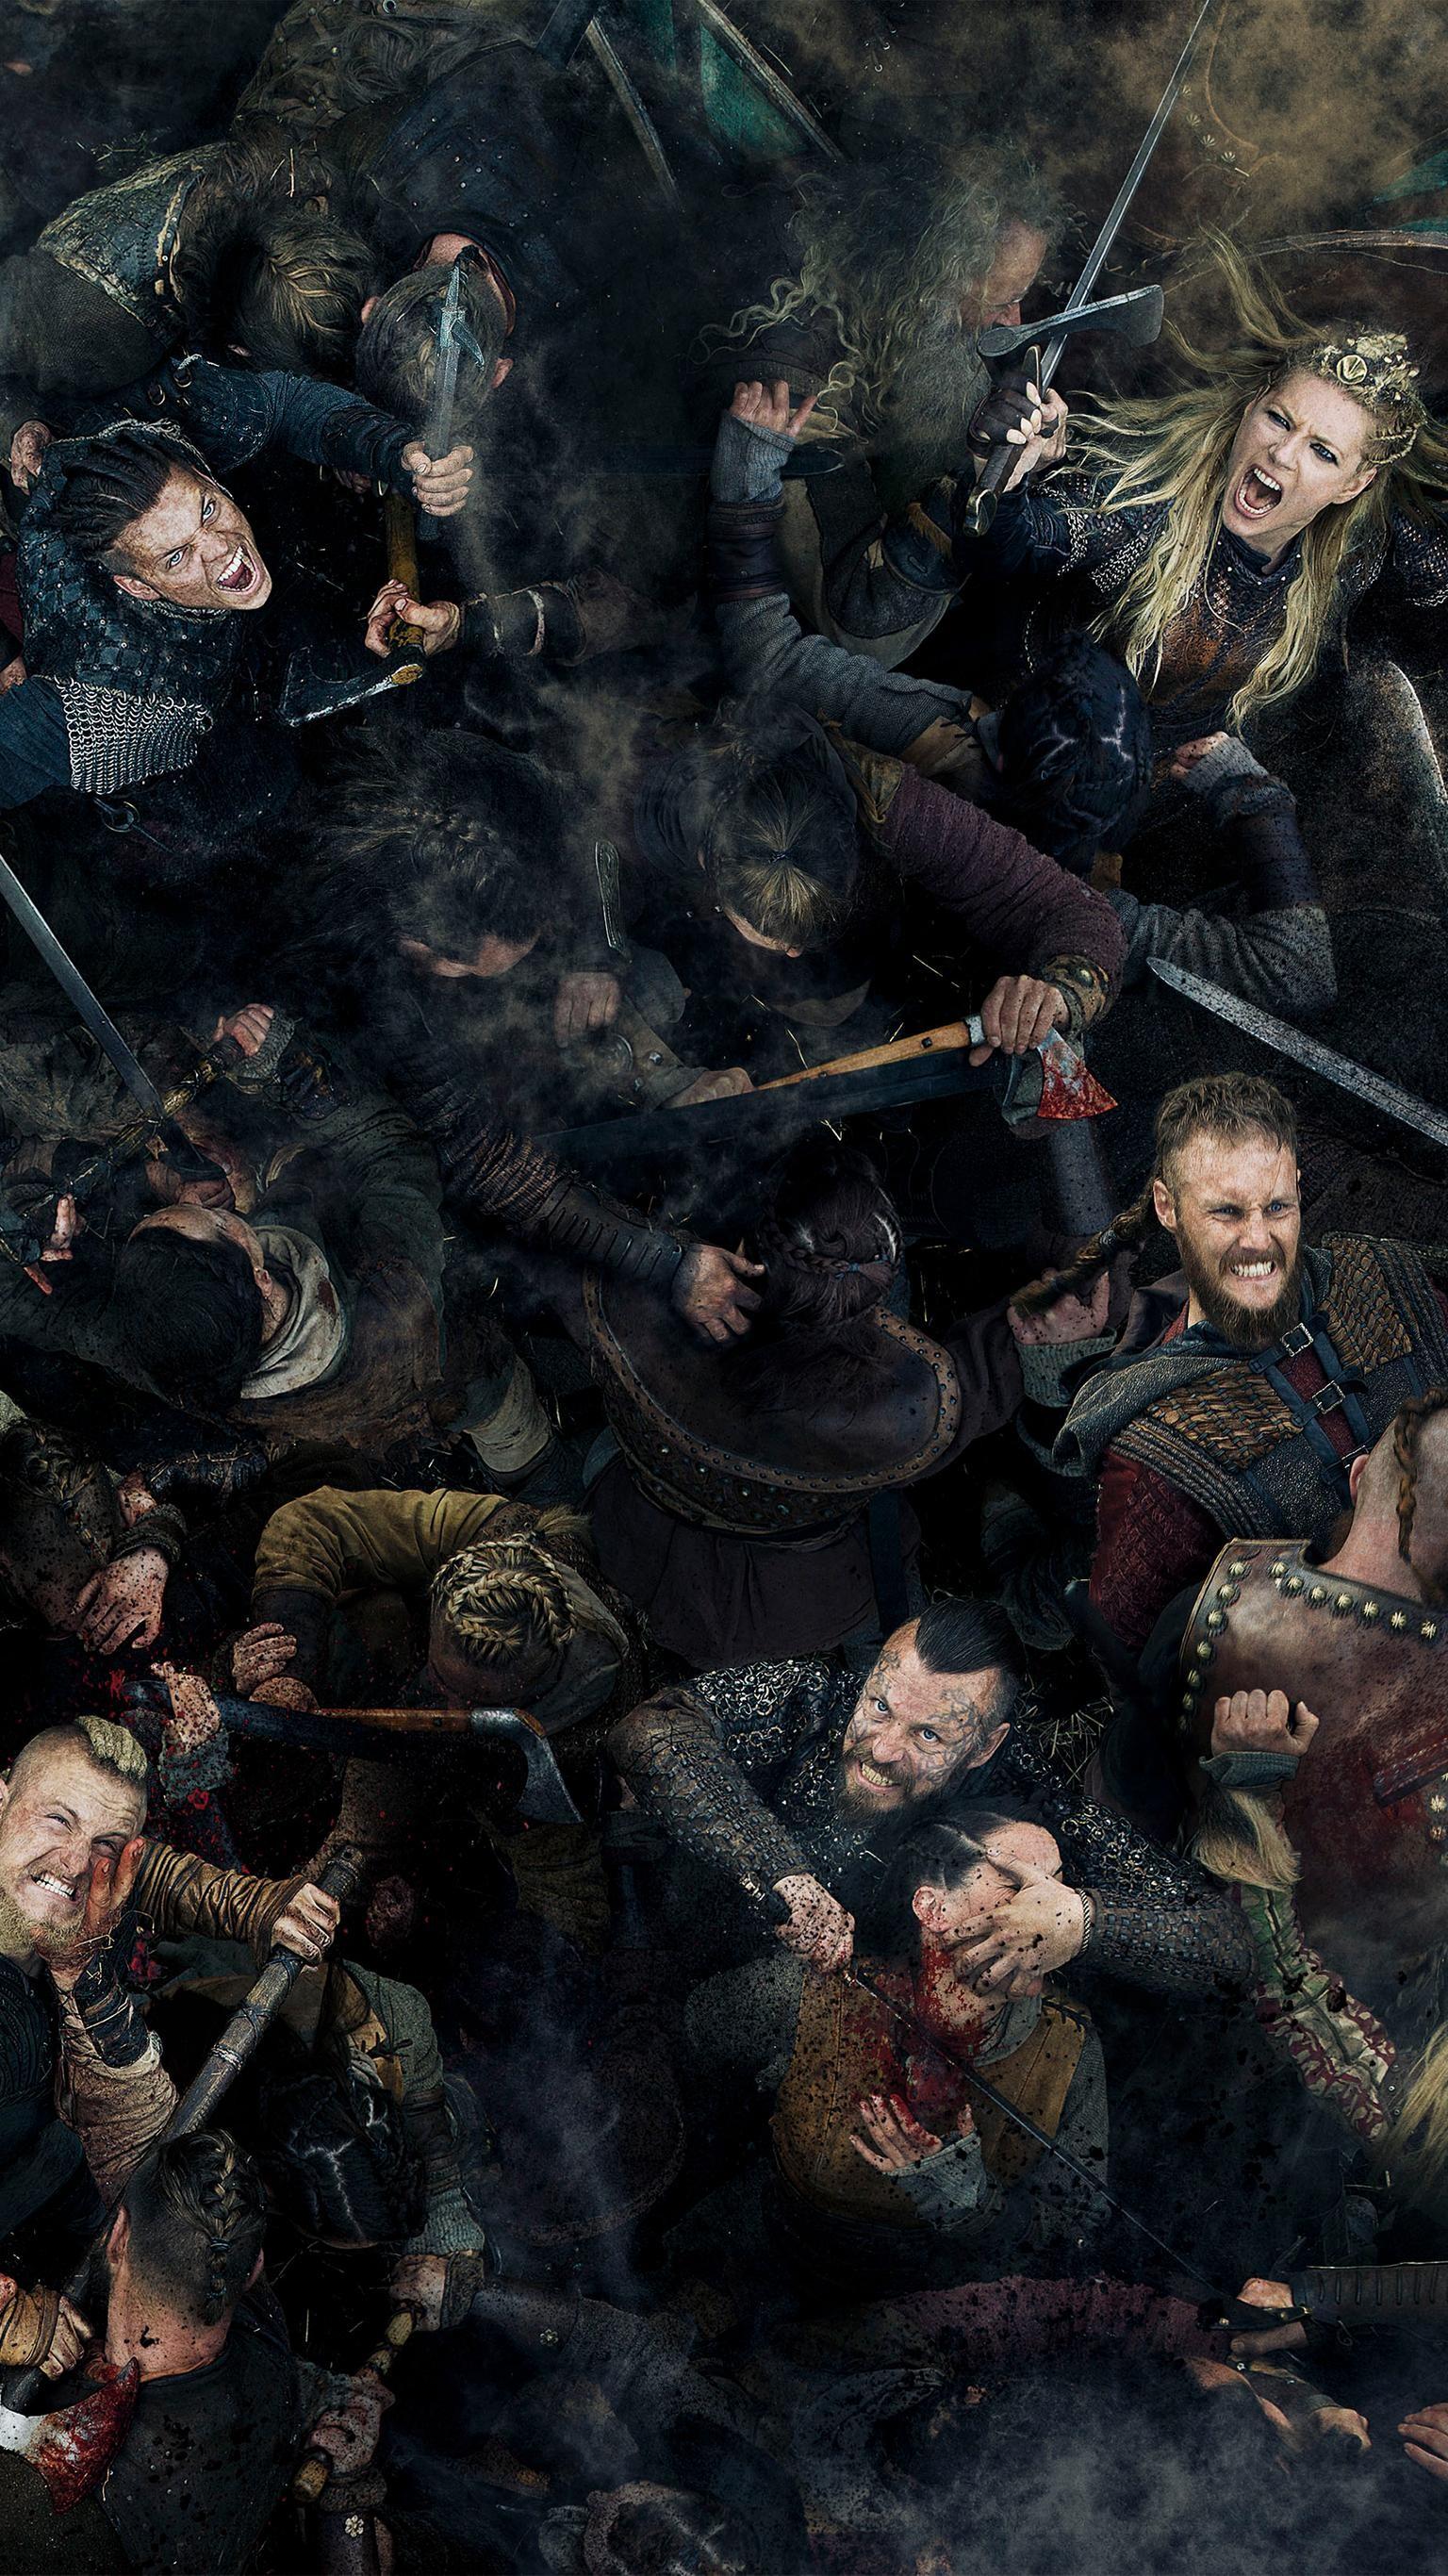 Vikings IPhone Wallpaper 82 Images